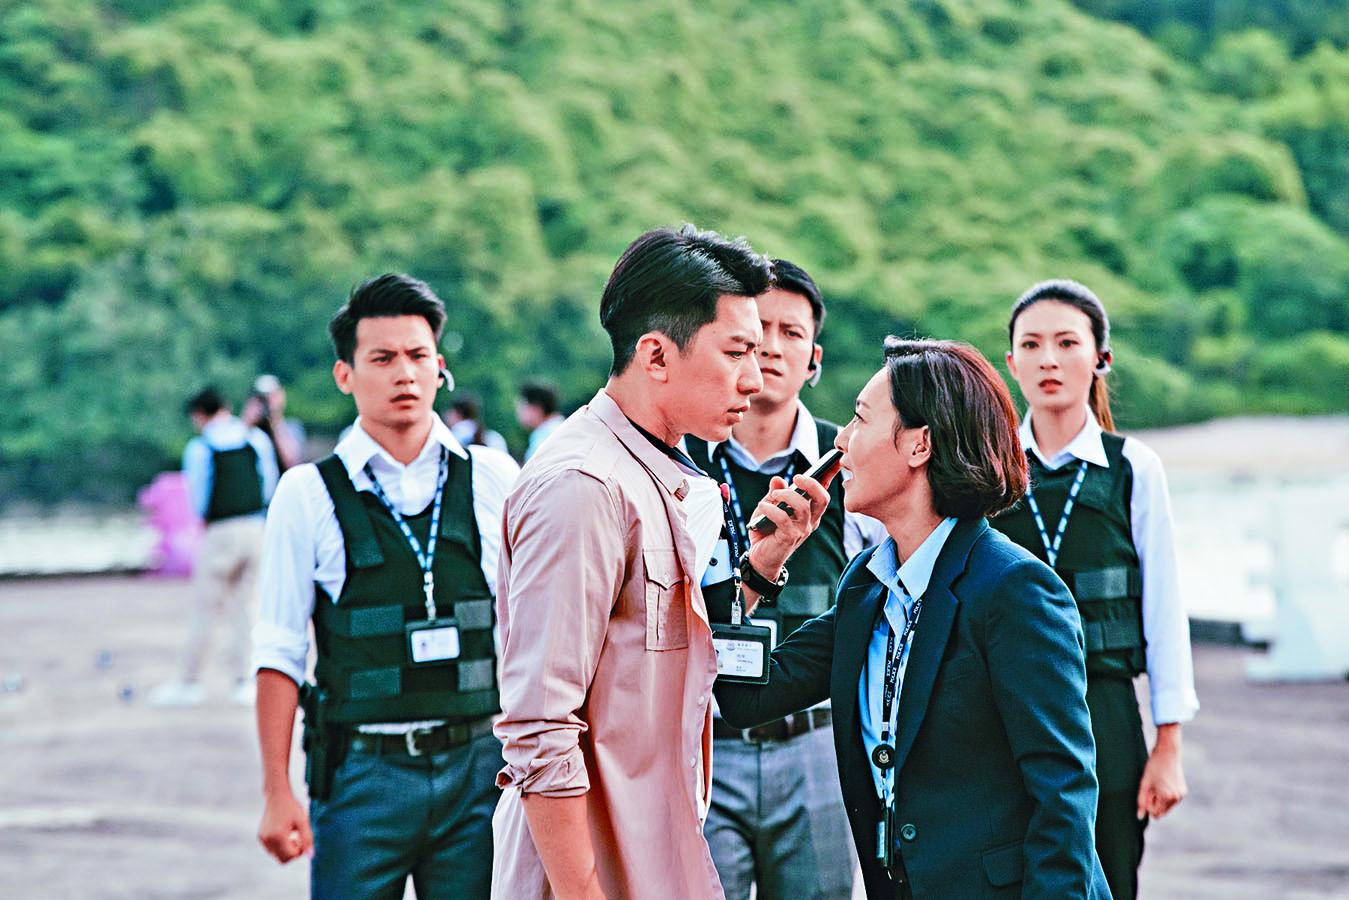 惠英紅與袁偉豪同憑《鐵探》的演出競逐華鼎獎。